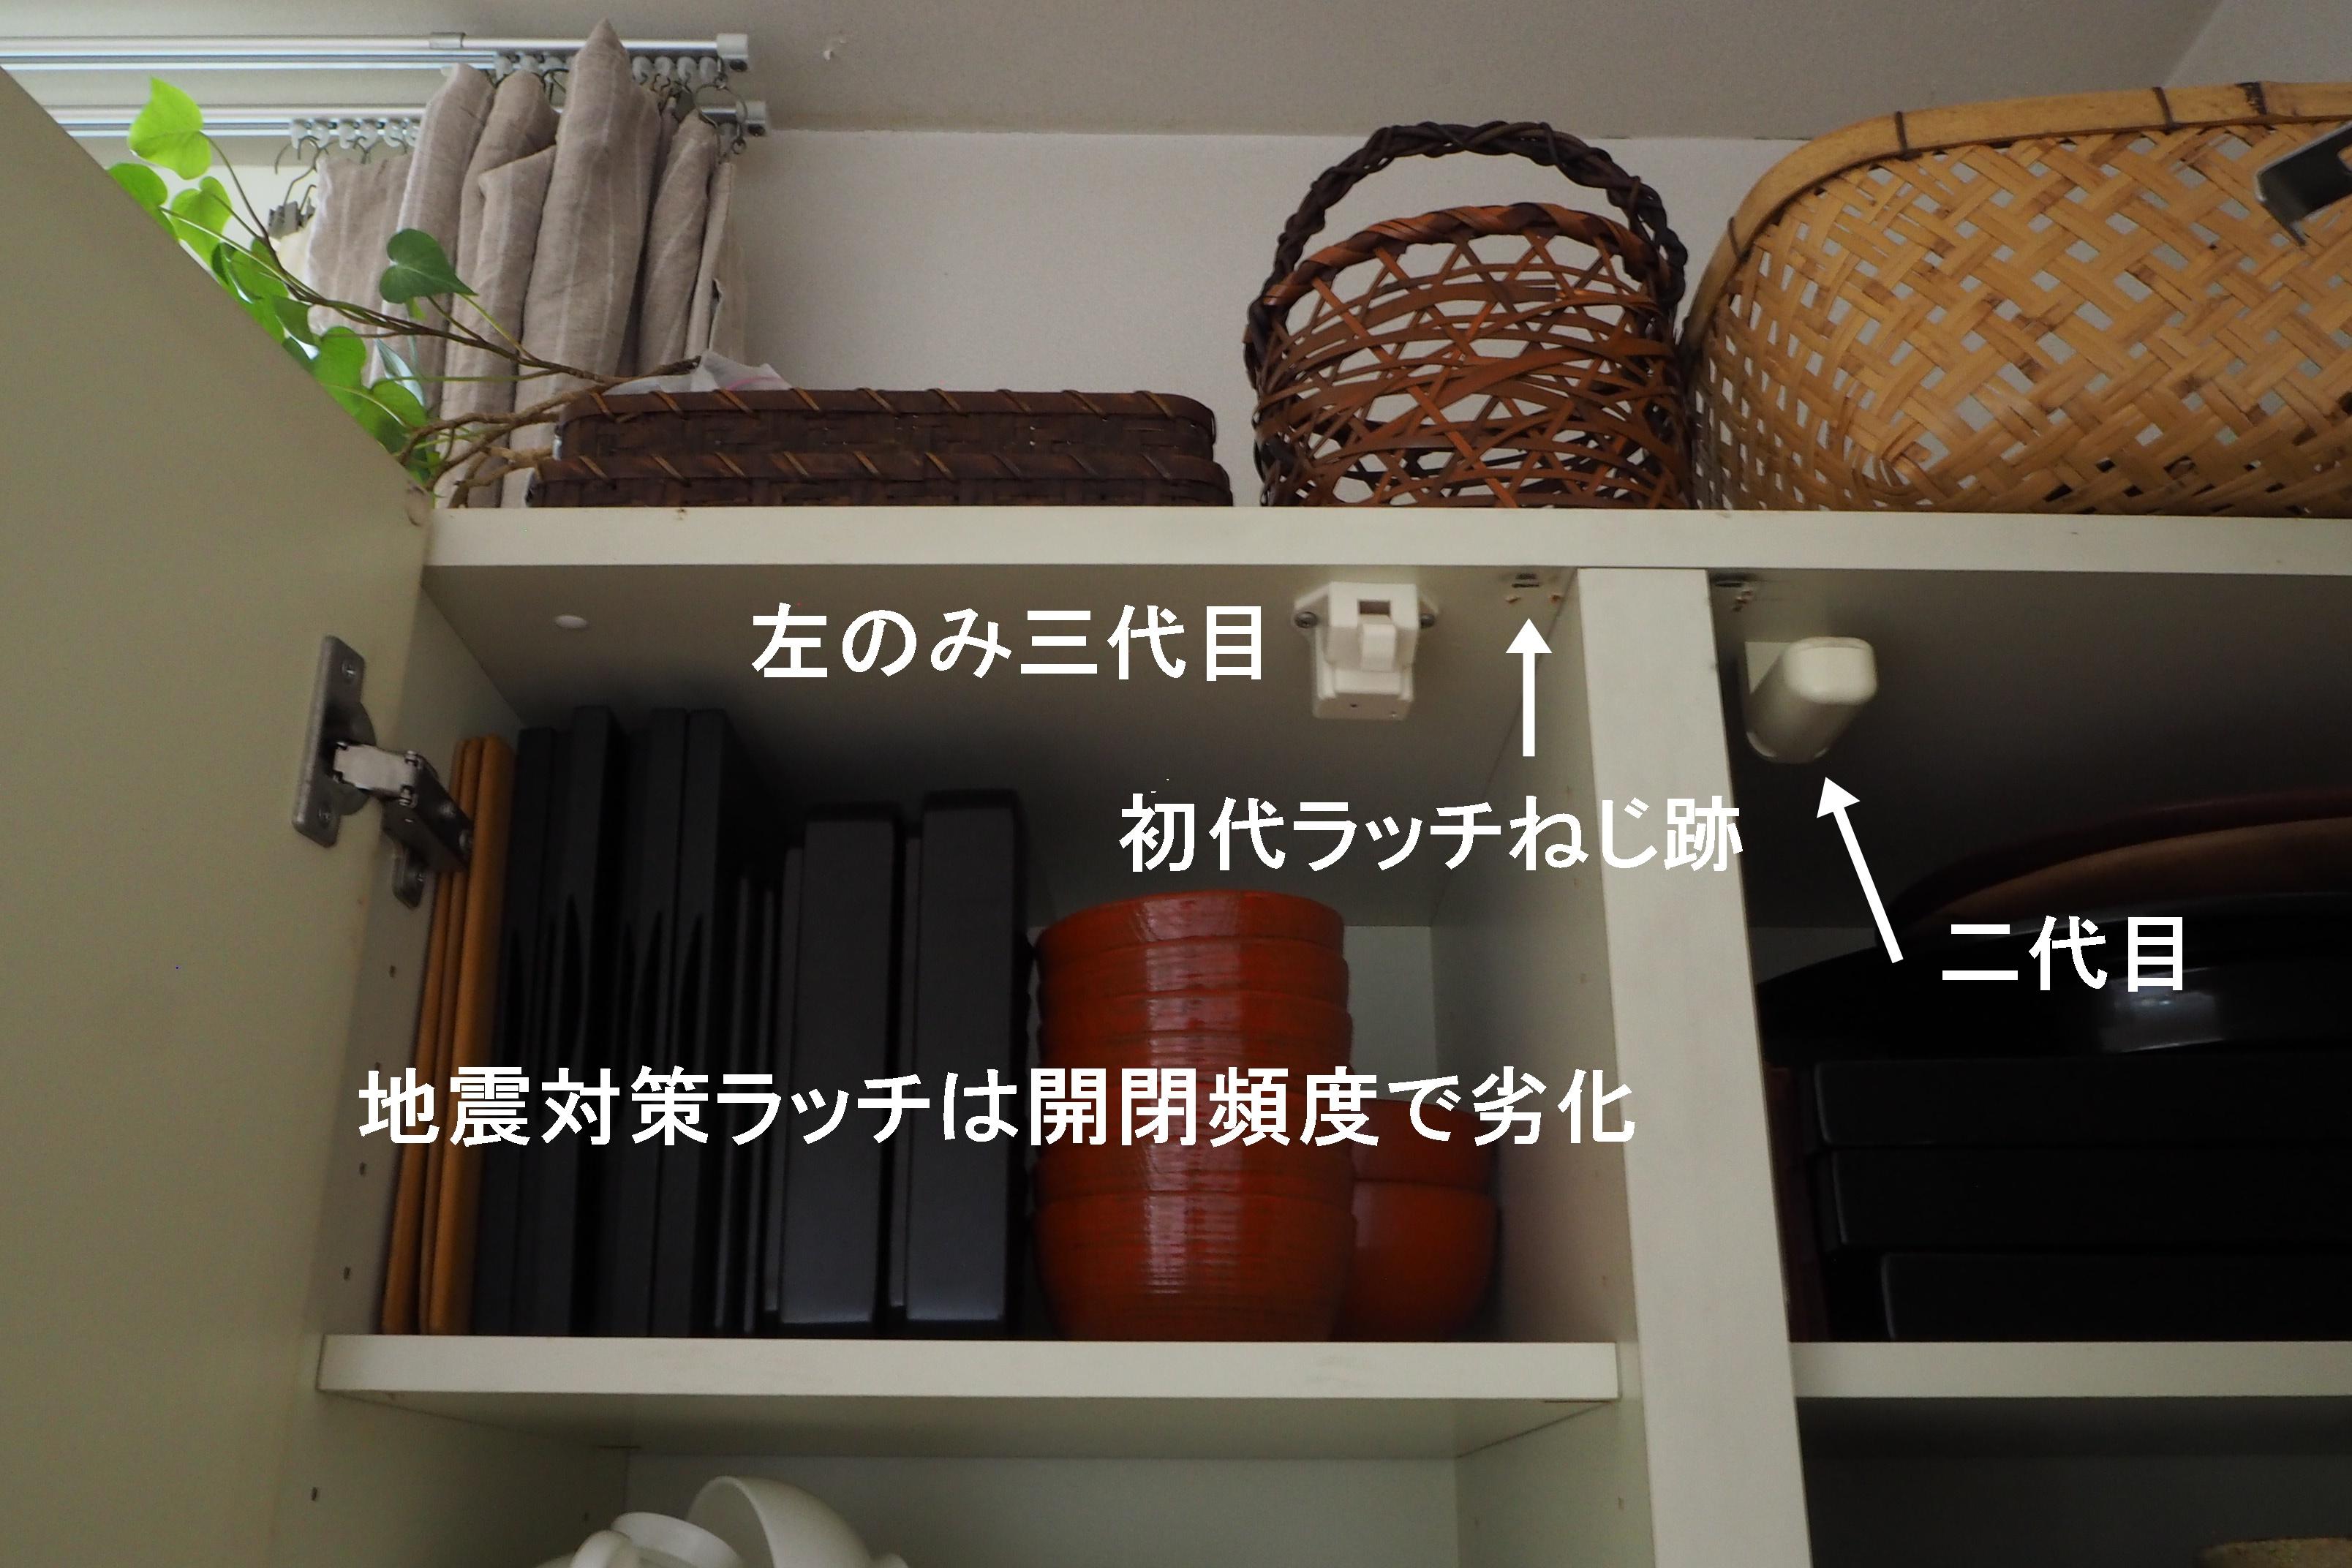 対策 食器 棚 地震